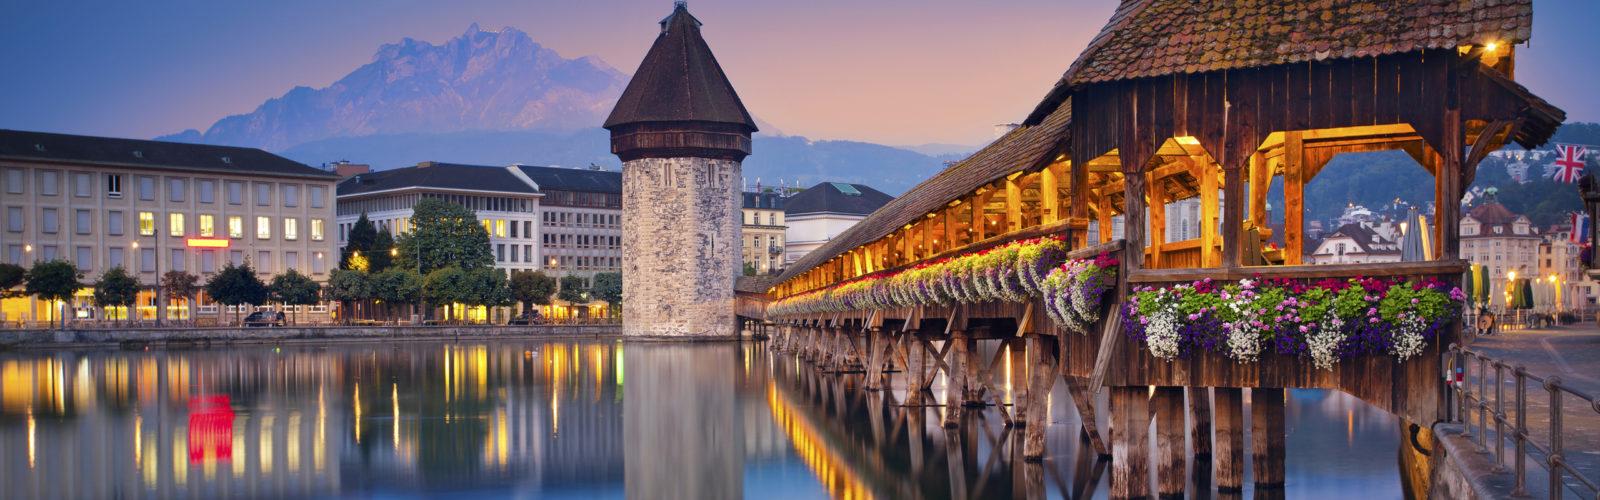 شهر لوسرن سوئیس